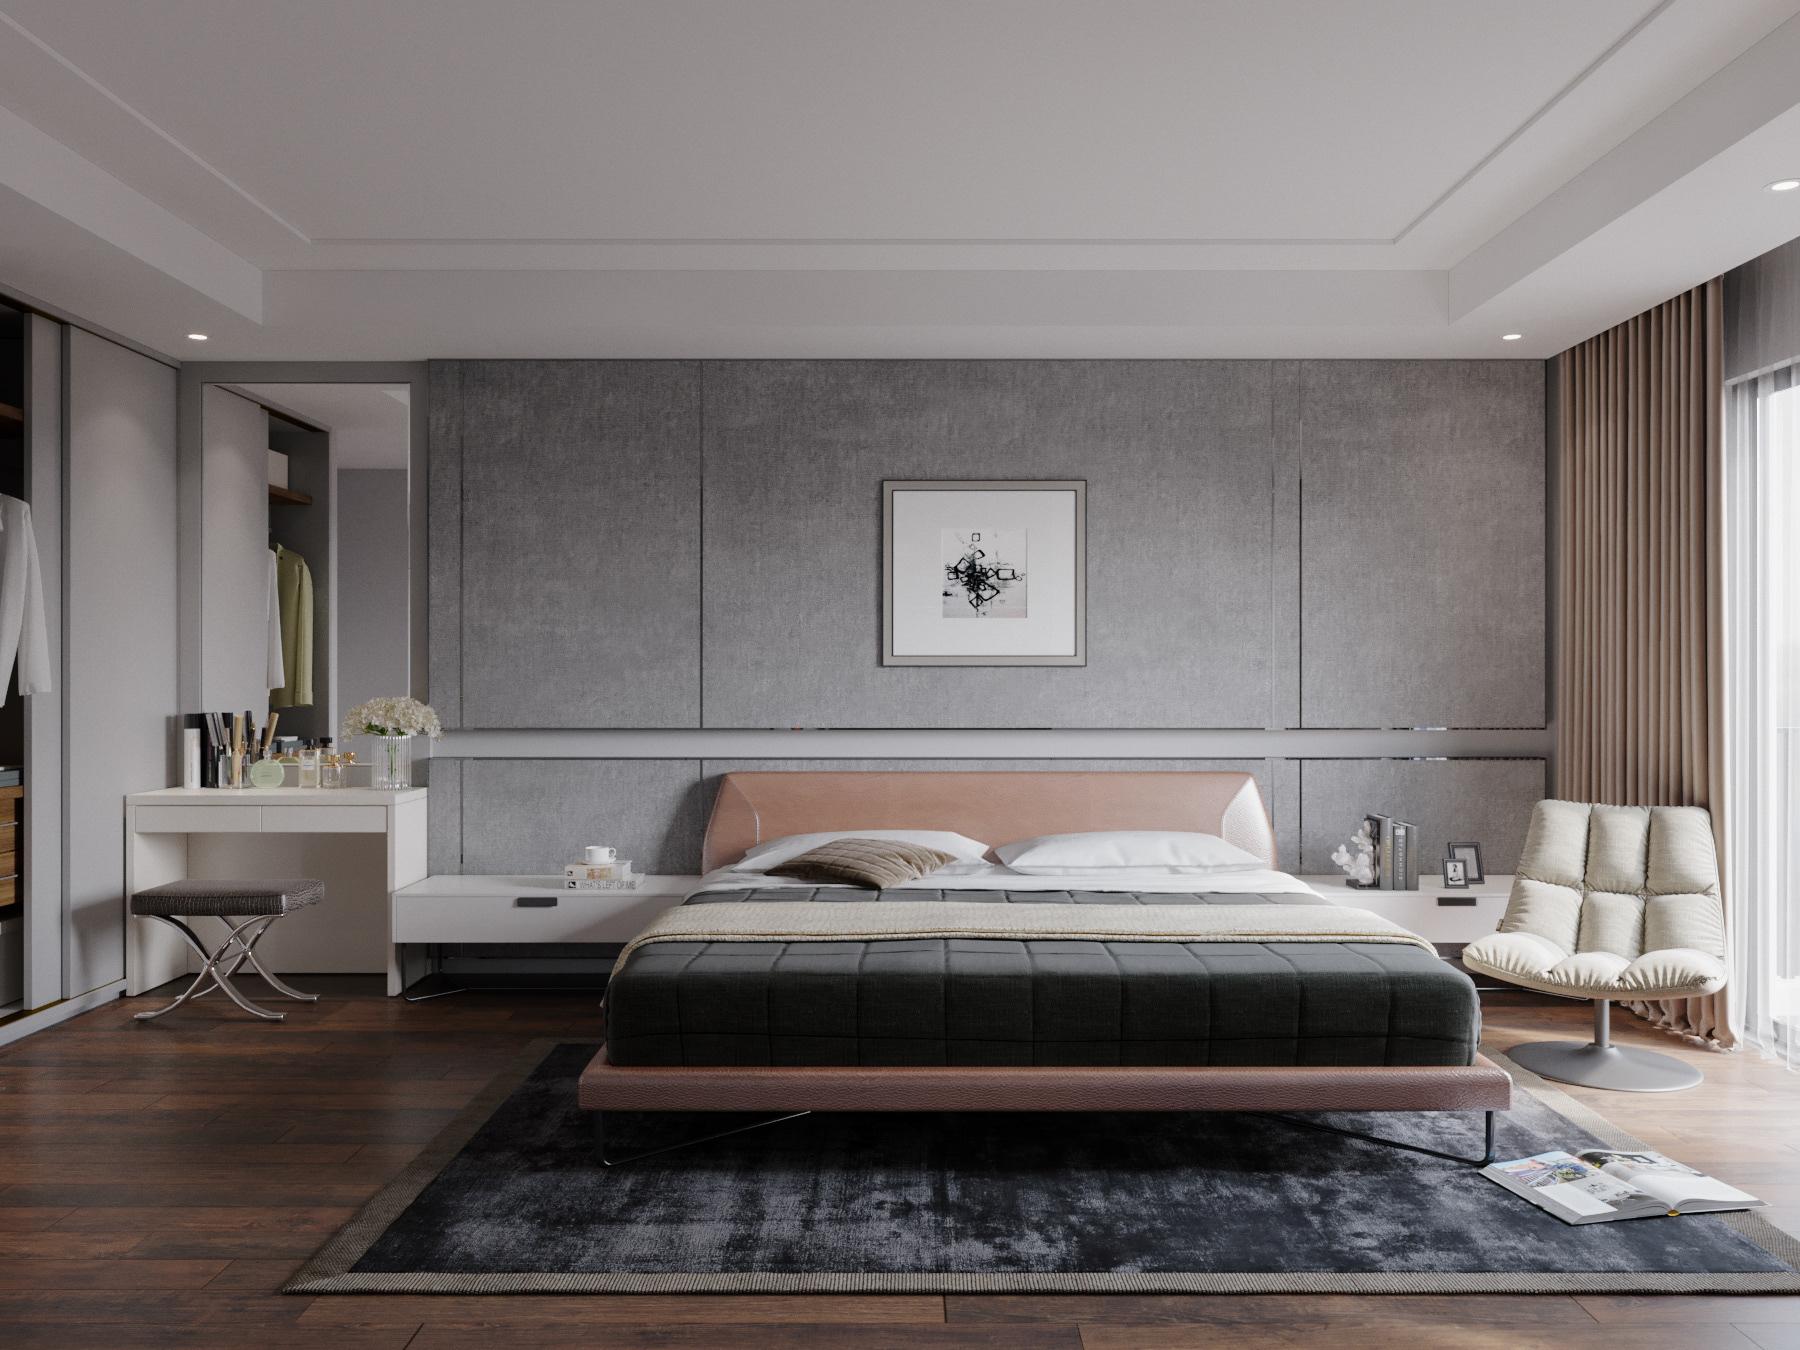 Tư vấn thiết kế nội thất phòng ngủ 16m2 đẹp hút hồn với chi phí gần 32 triệu  - Ảnh 6.